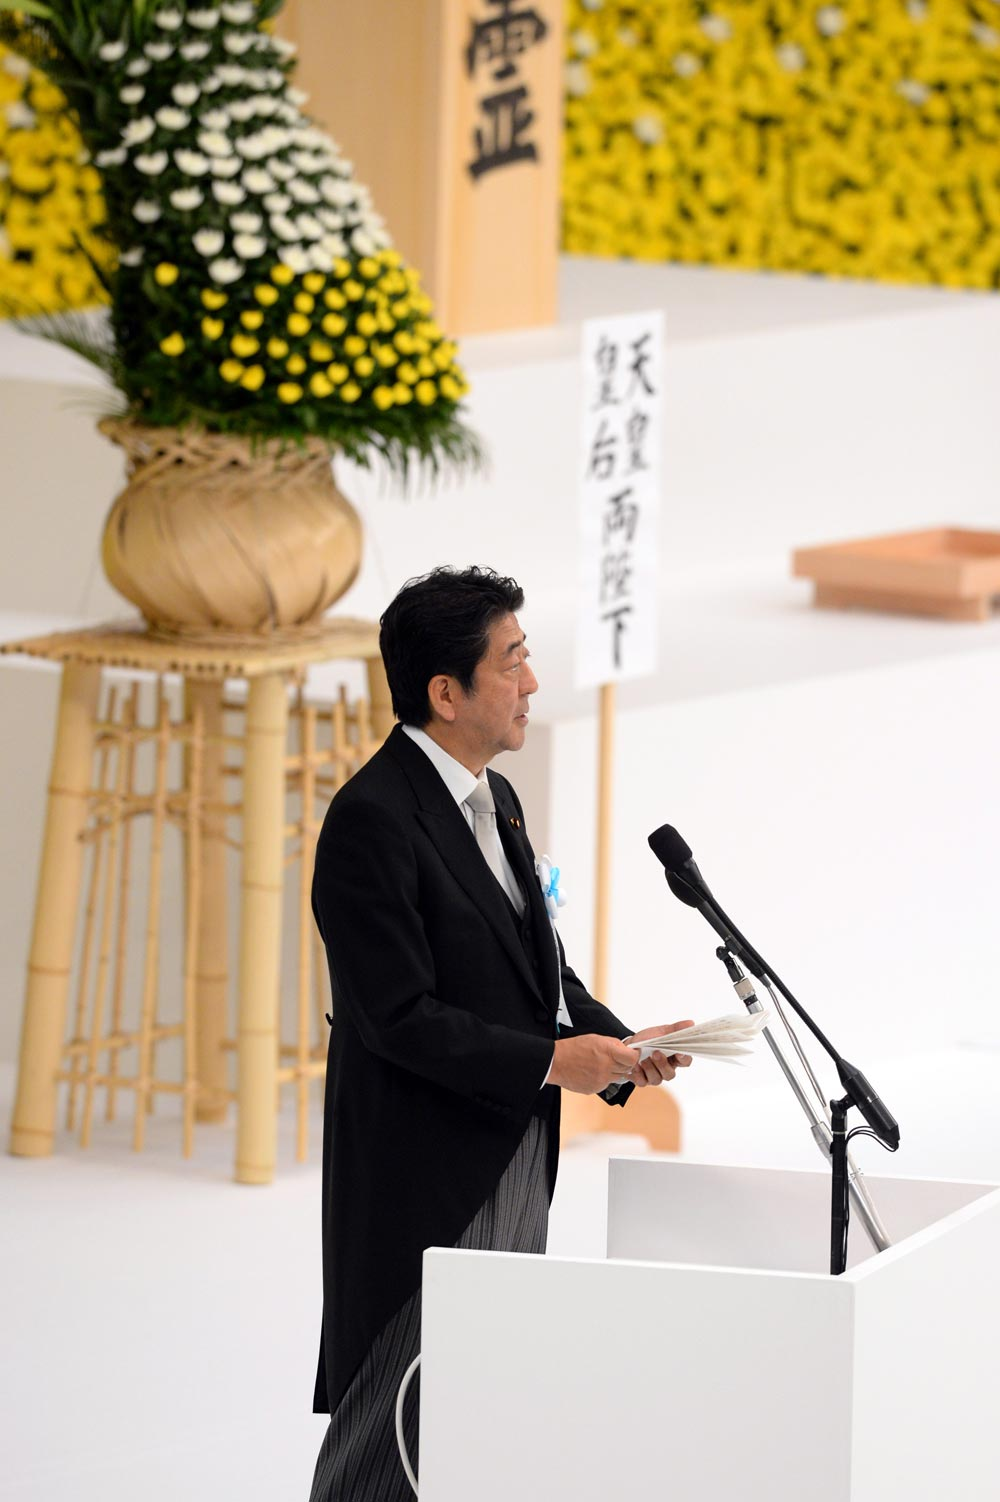 日本又逢「八一五」安倍再度未提「不战之誓」